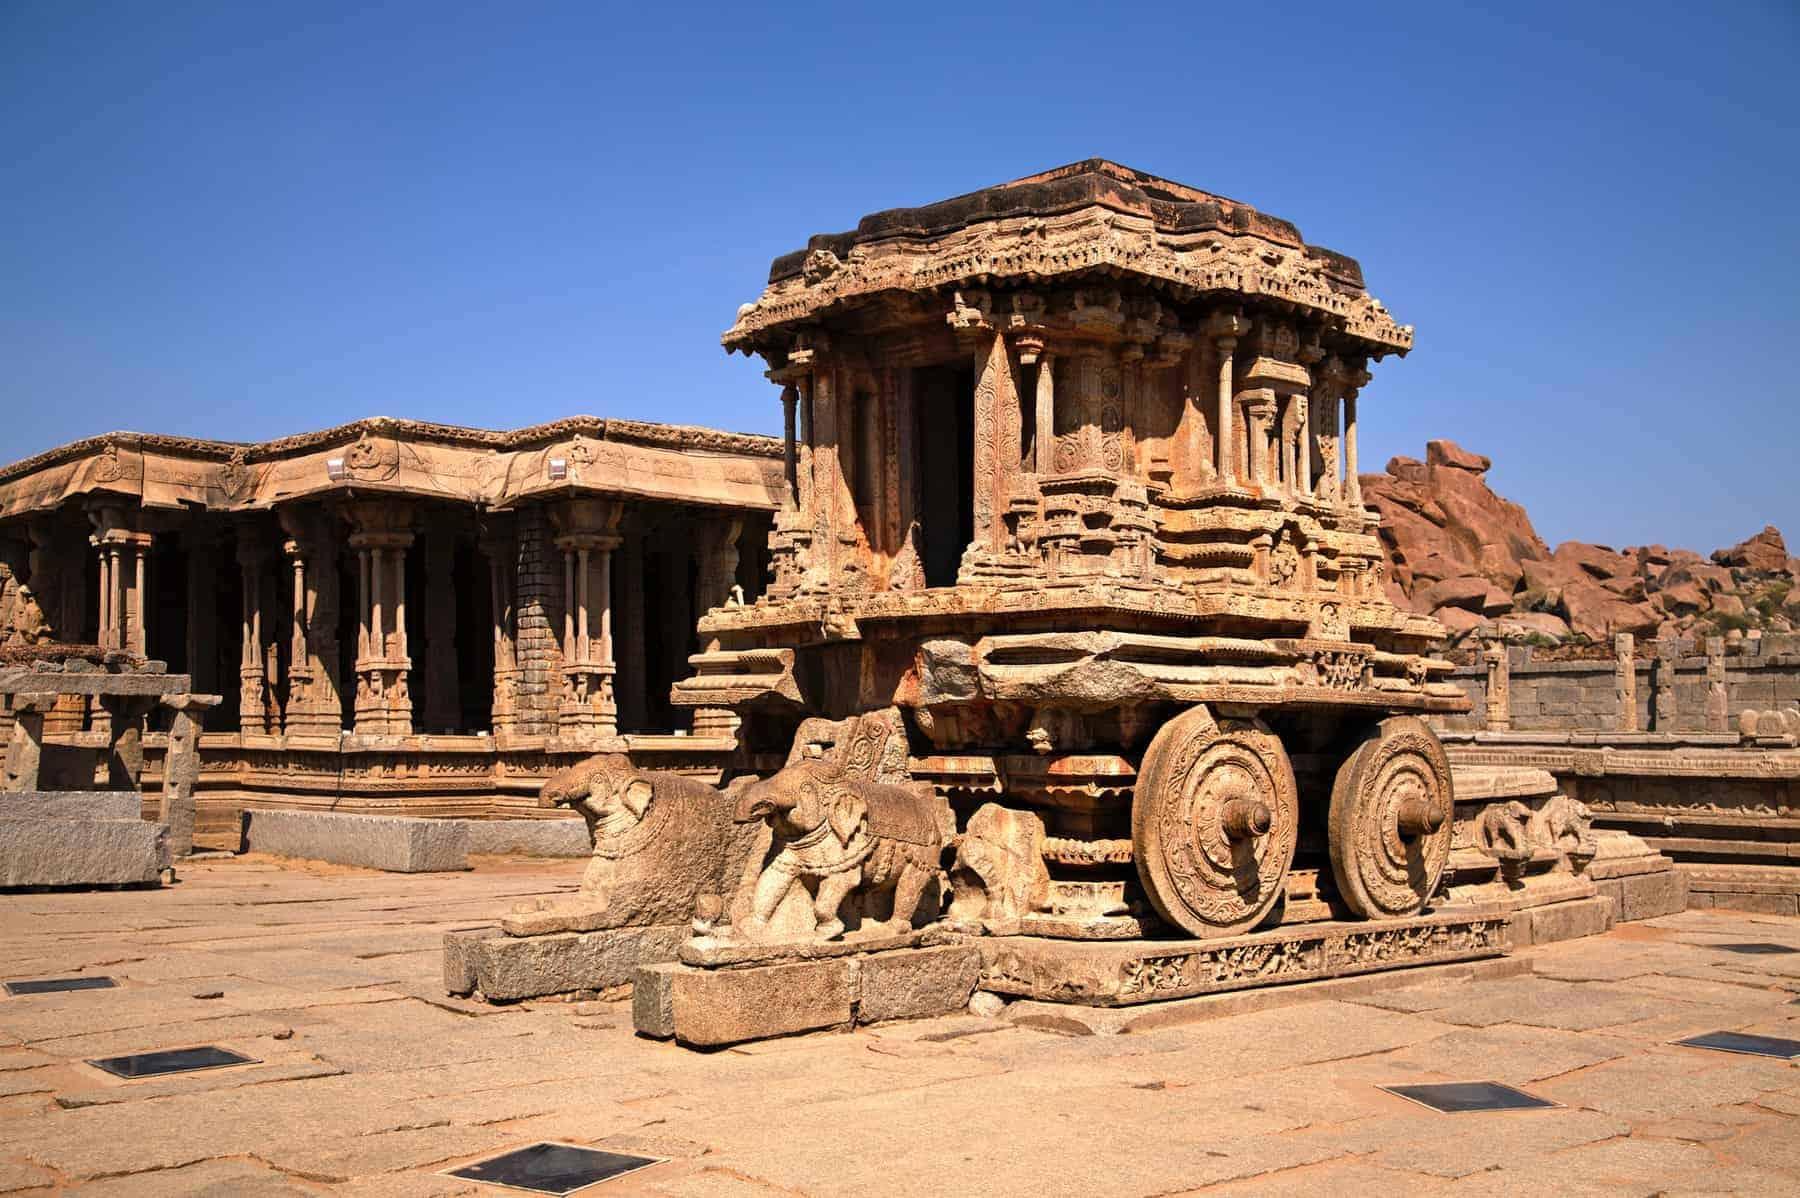 Stone chariot in the vittalla temple in Hampi. India